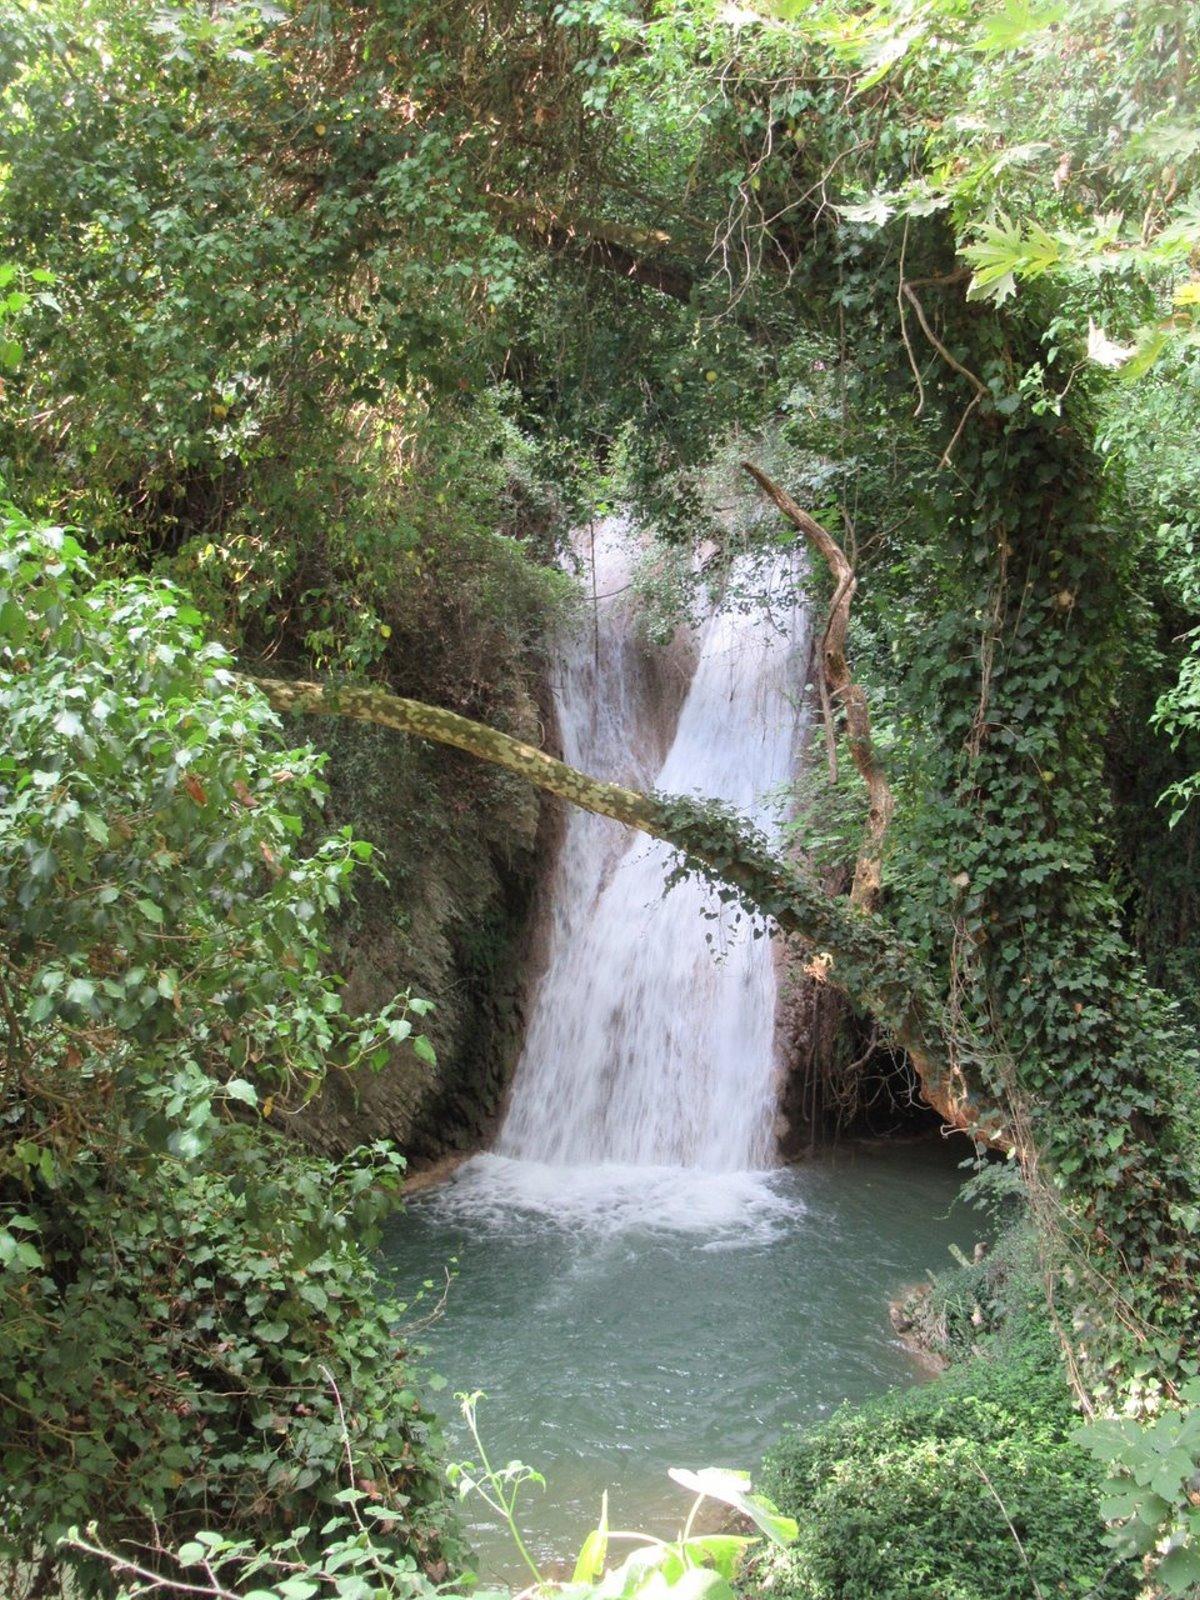 Στενωσιά Μεσσηνία χωριό με όμορφους καταρράκτες μέσα στη φύση